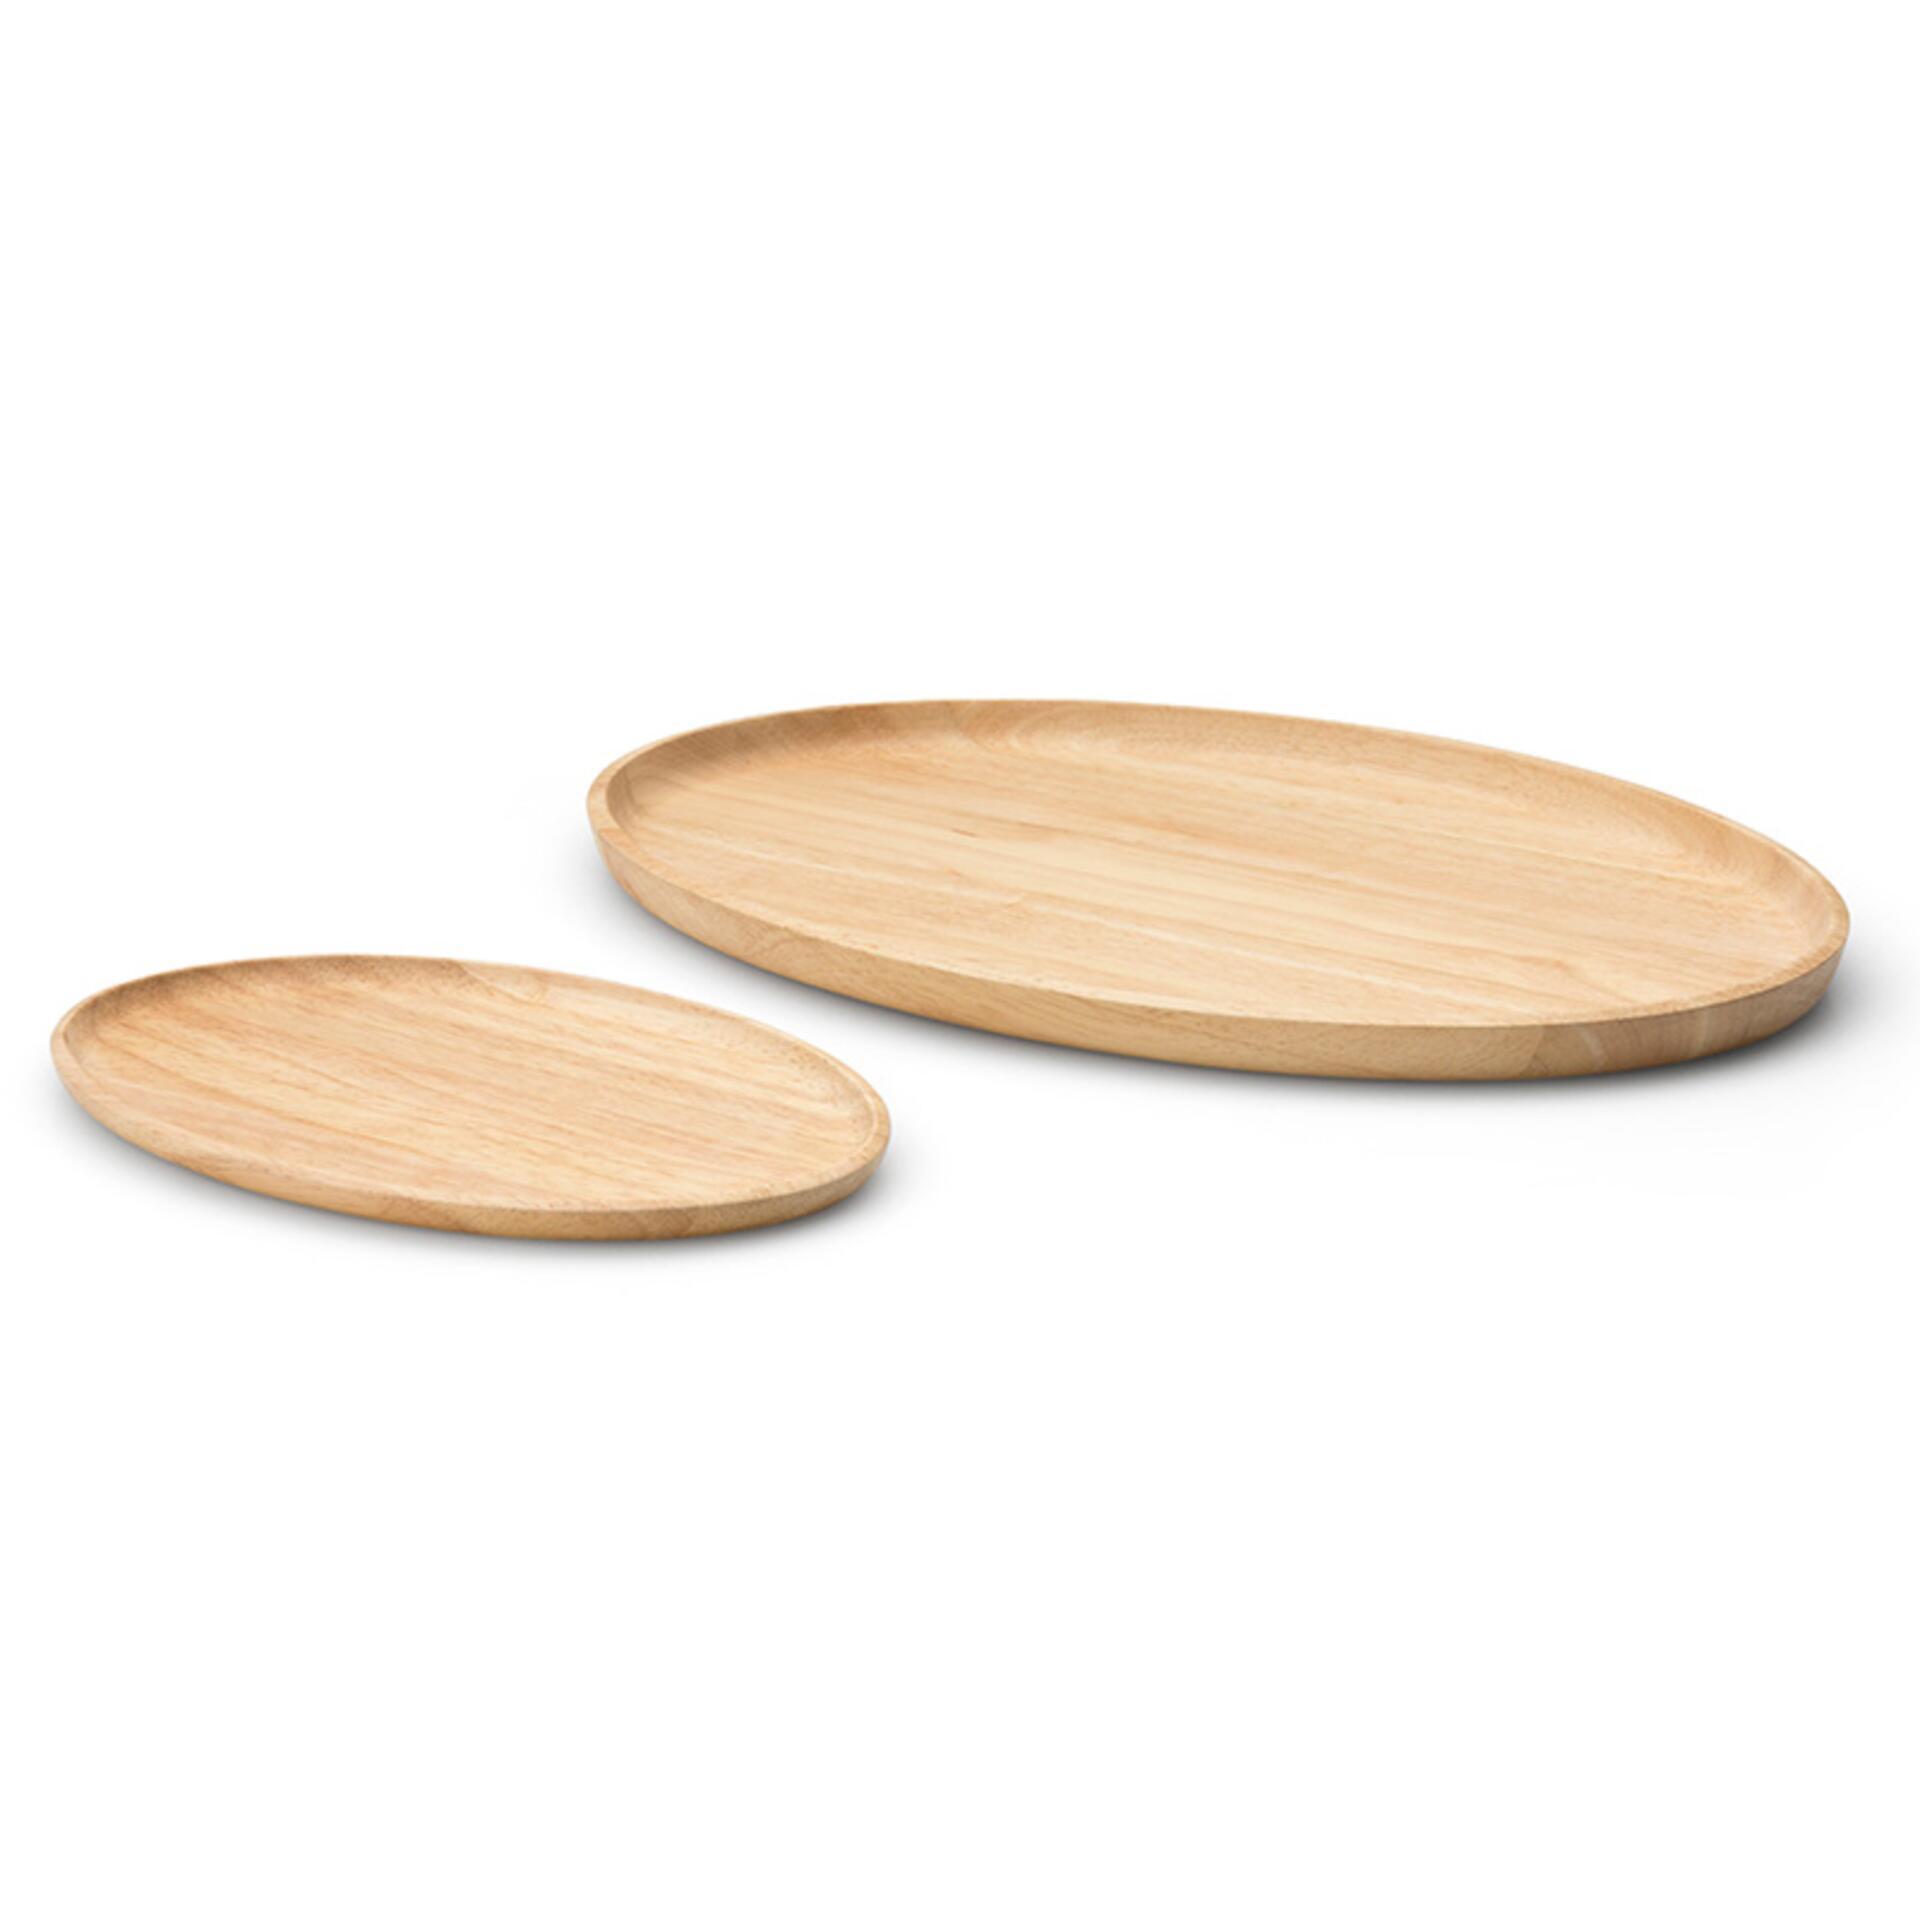 Continenta Tablett oval Holz 23,5 x 15,5 x 1,2 cm